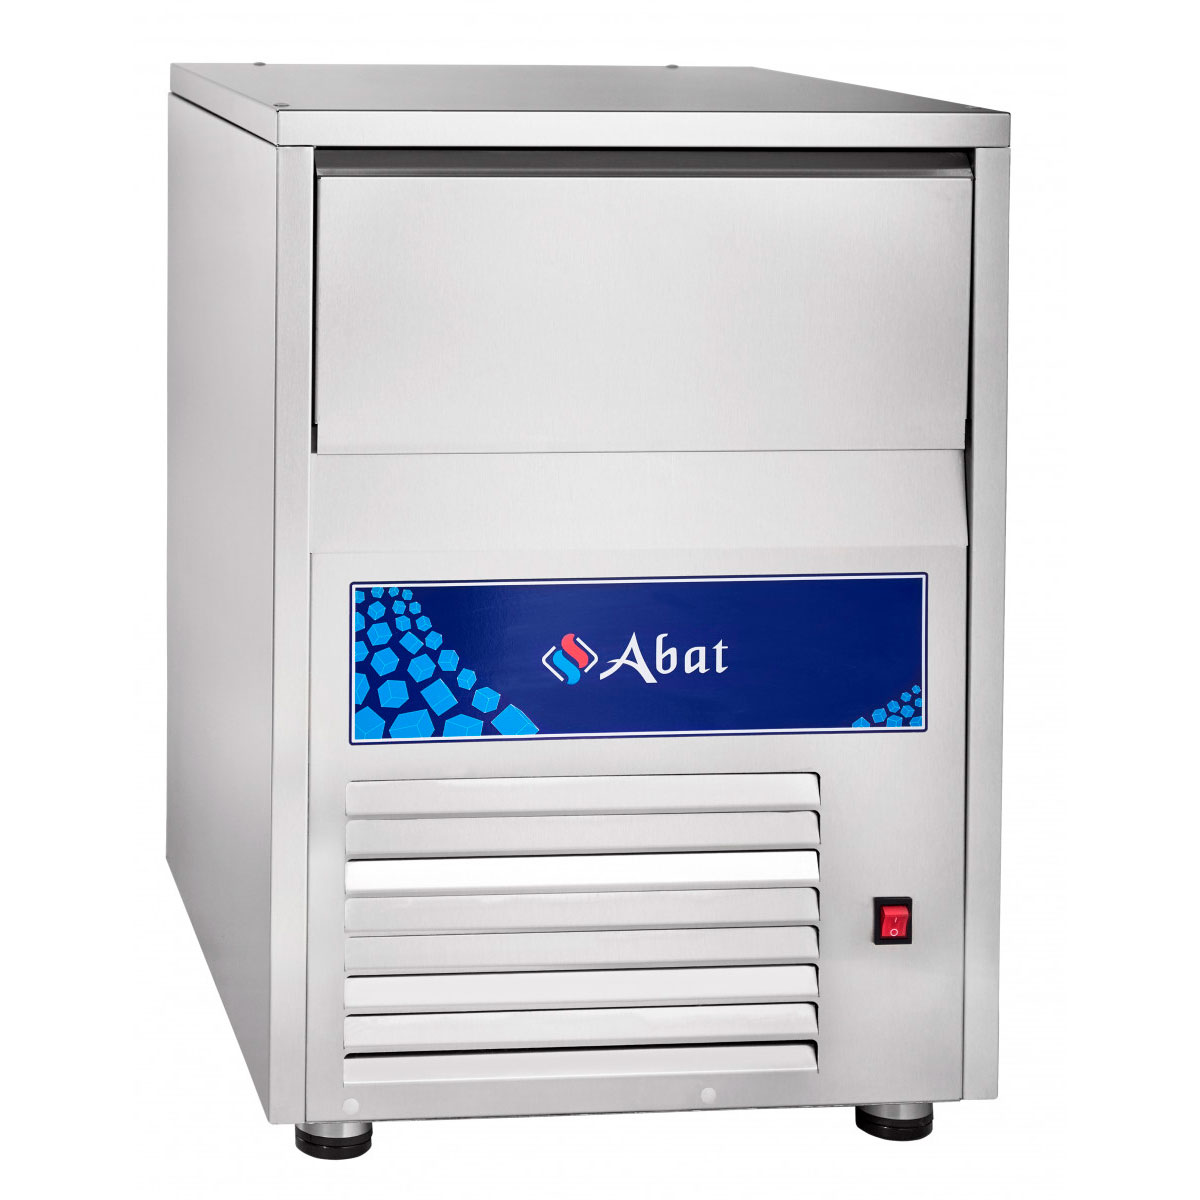 Новинка: льдогенератор кубикового льда ЛГ-37/15К-01 торговой марки «Abat»